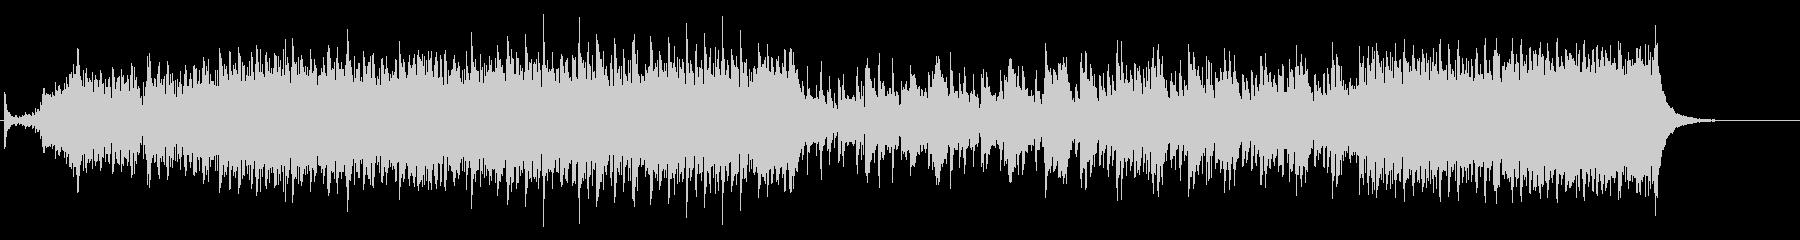 【和風】和楽器のみをによる荒々しい曲Aの未再生の波形